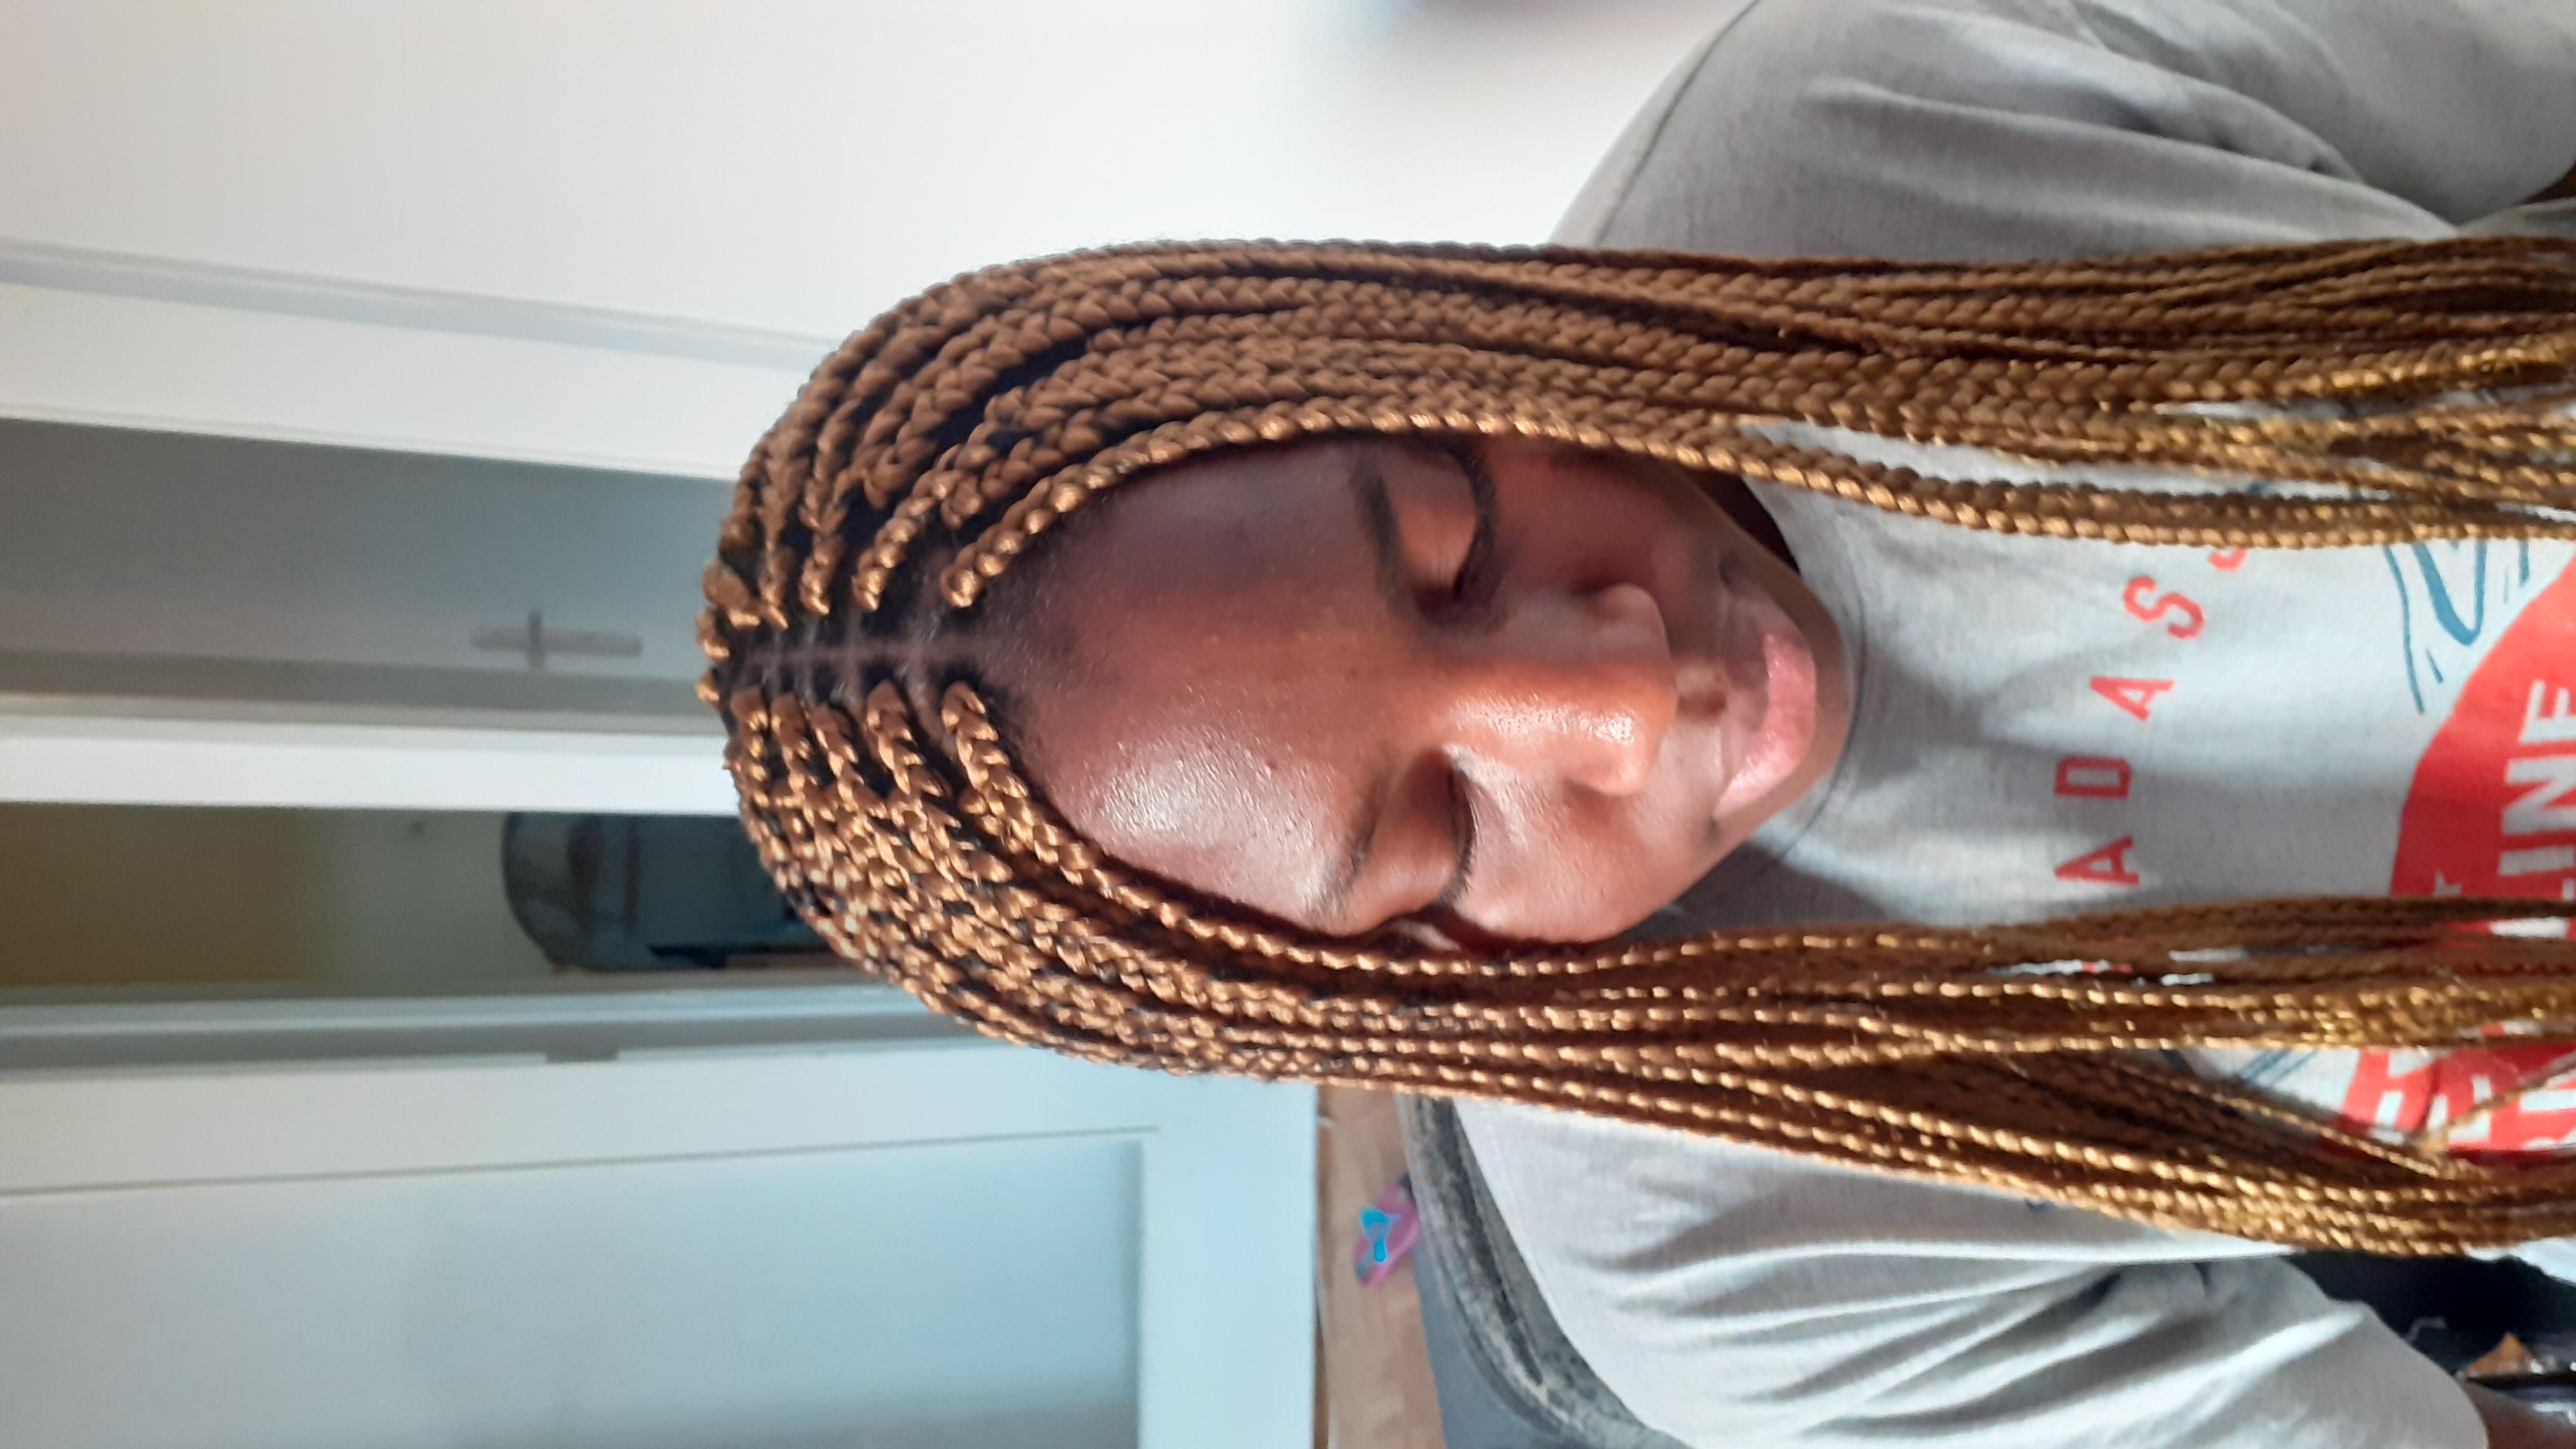 salon de coiffure afro tresse tresses box braids crochet braids vanilles tissages paris 75 77 78 91 92 93 94 95 DELXELWL